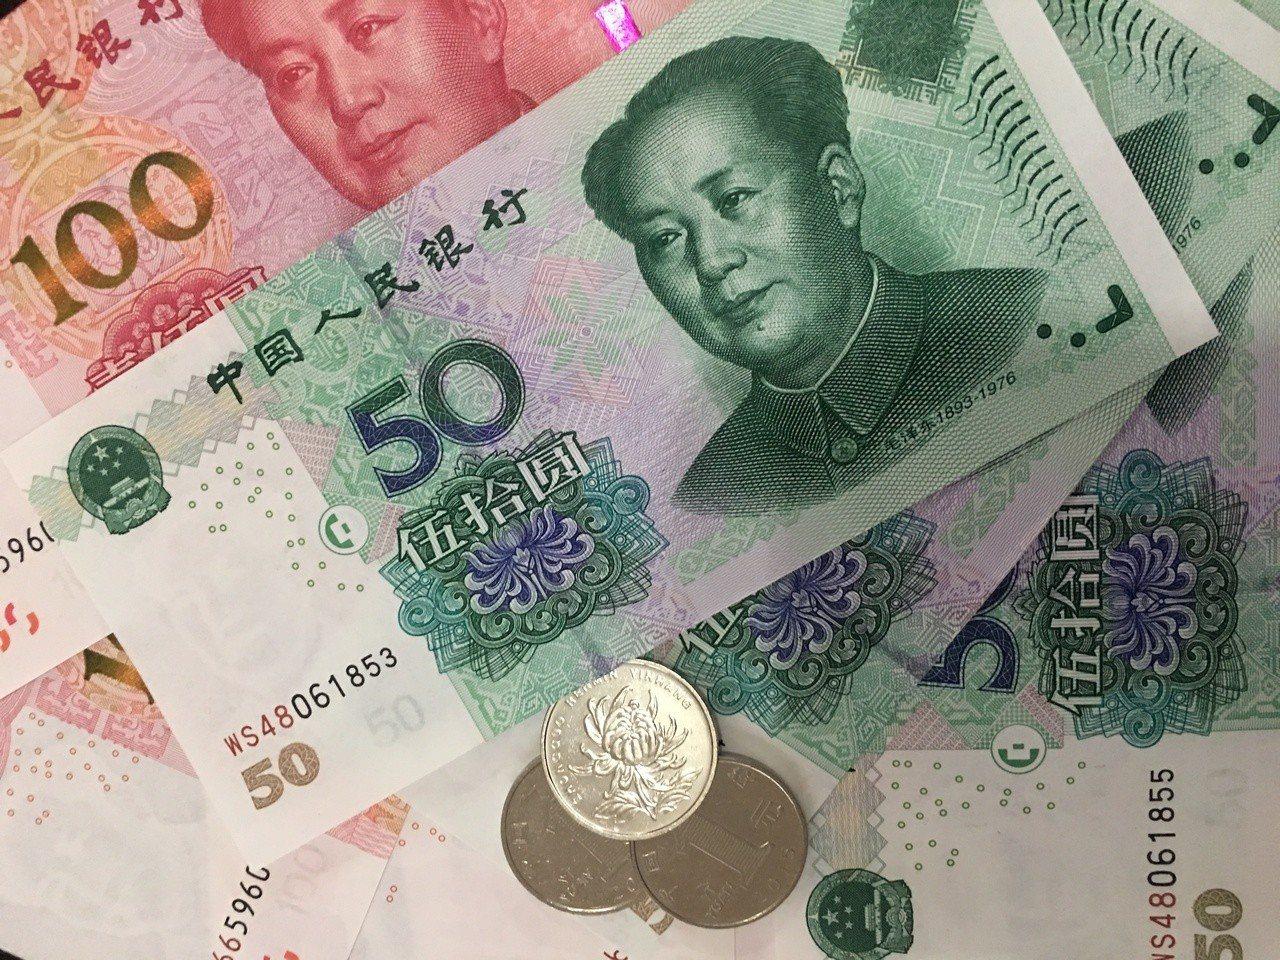 中美貿易談判上周未能達成協議,導致人民幣周一重貶,也讓市場「破7」疑慮再起。(本...